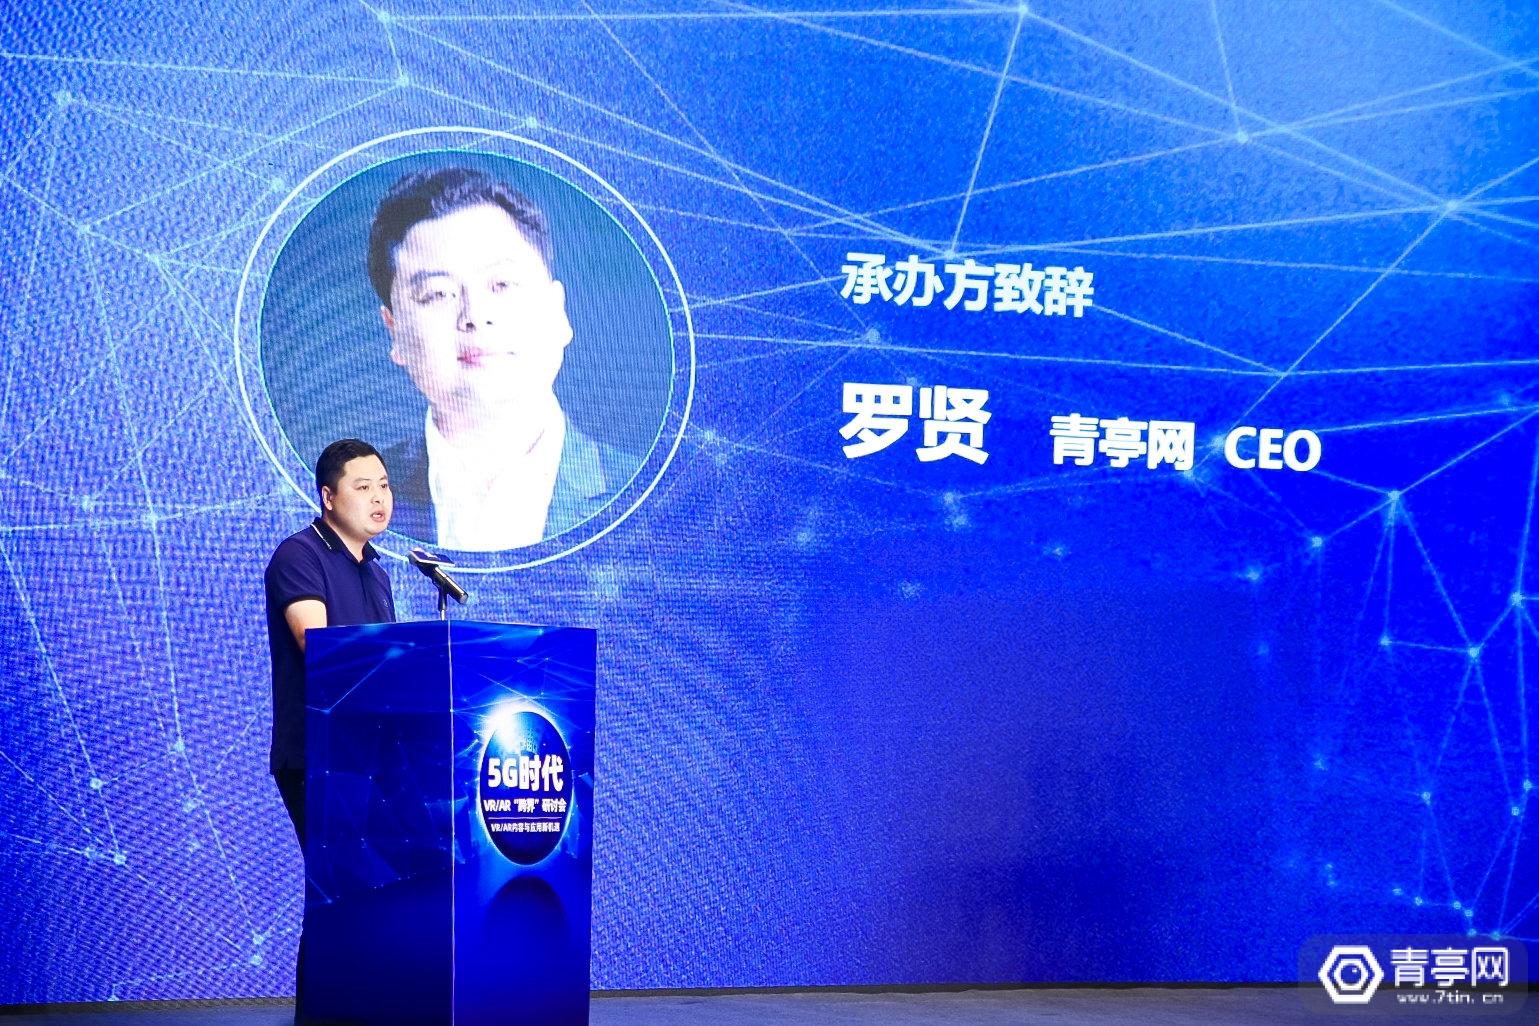 青亭网罗贤:AR/VR创业公司商业变现能力不断变强